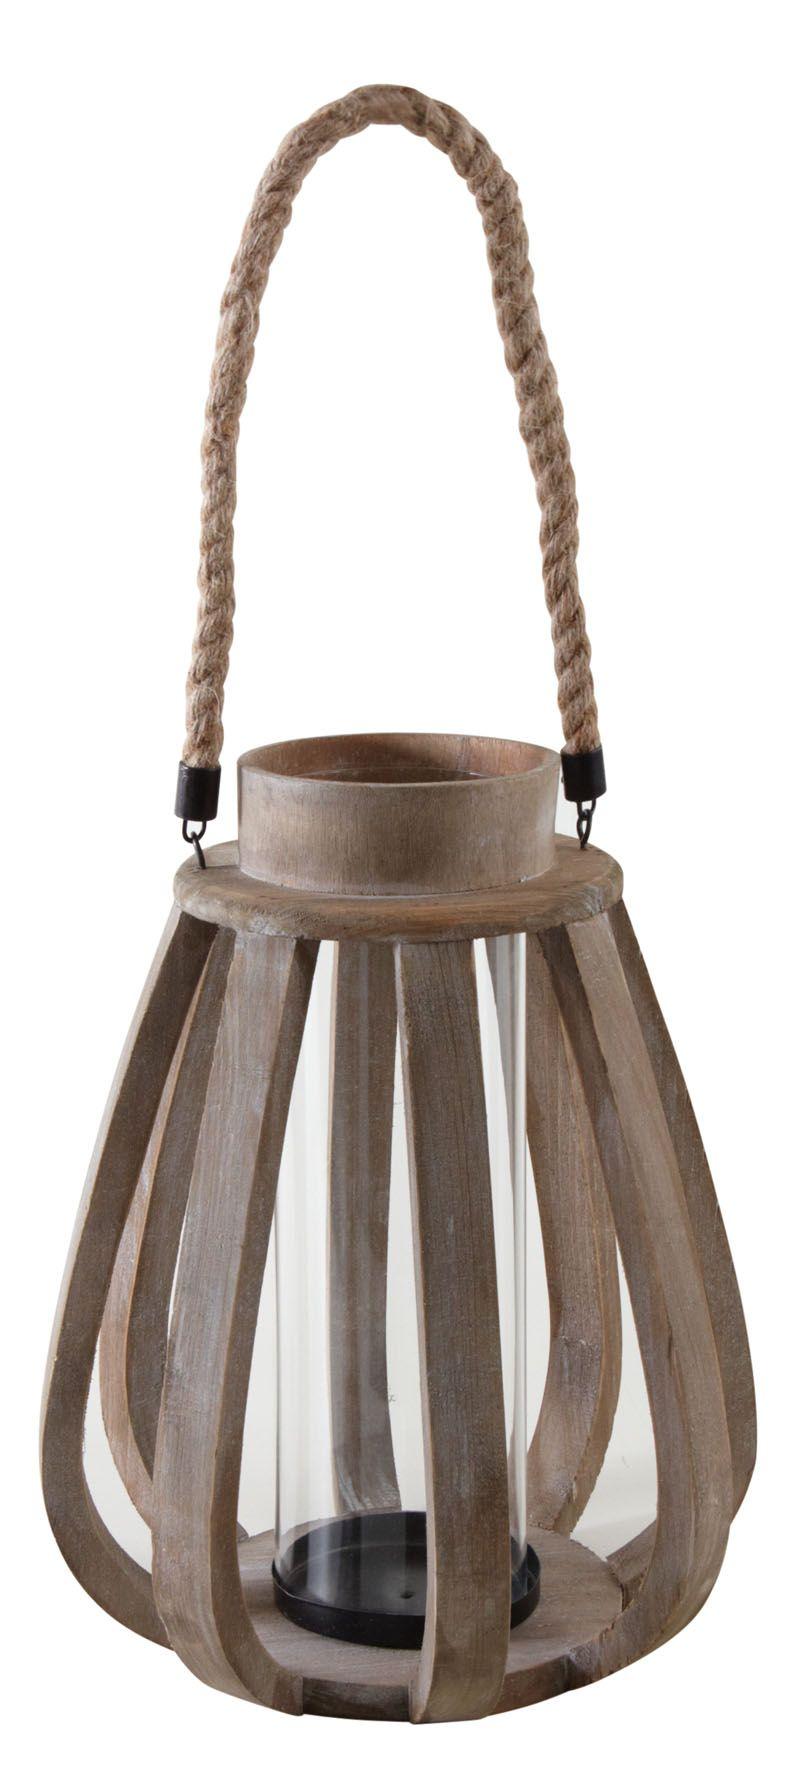 lanterne de jardin en bois vieilli et verre - Lanterne De Jardin